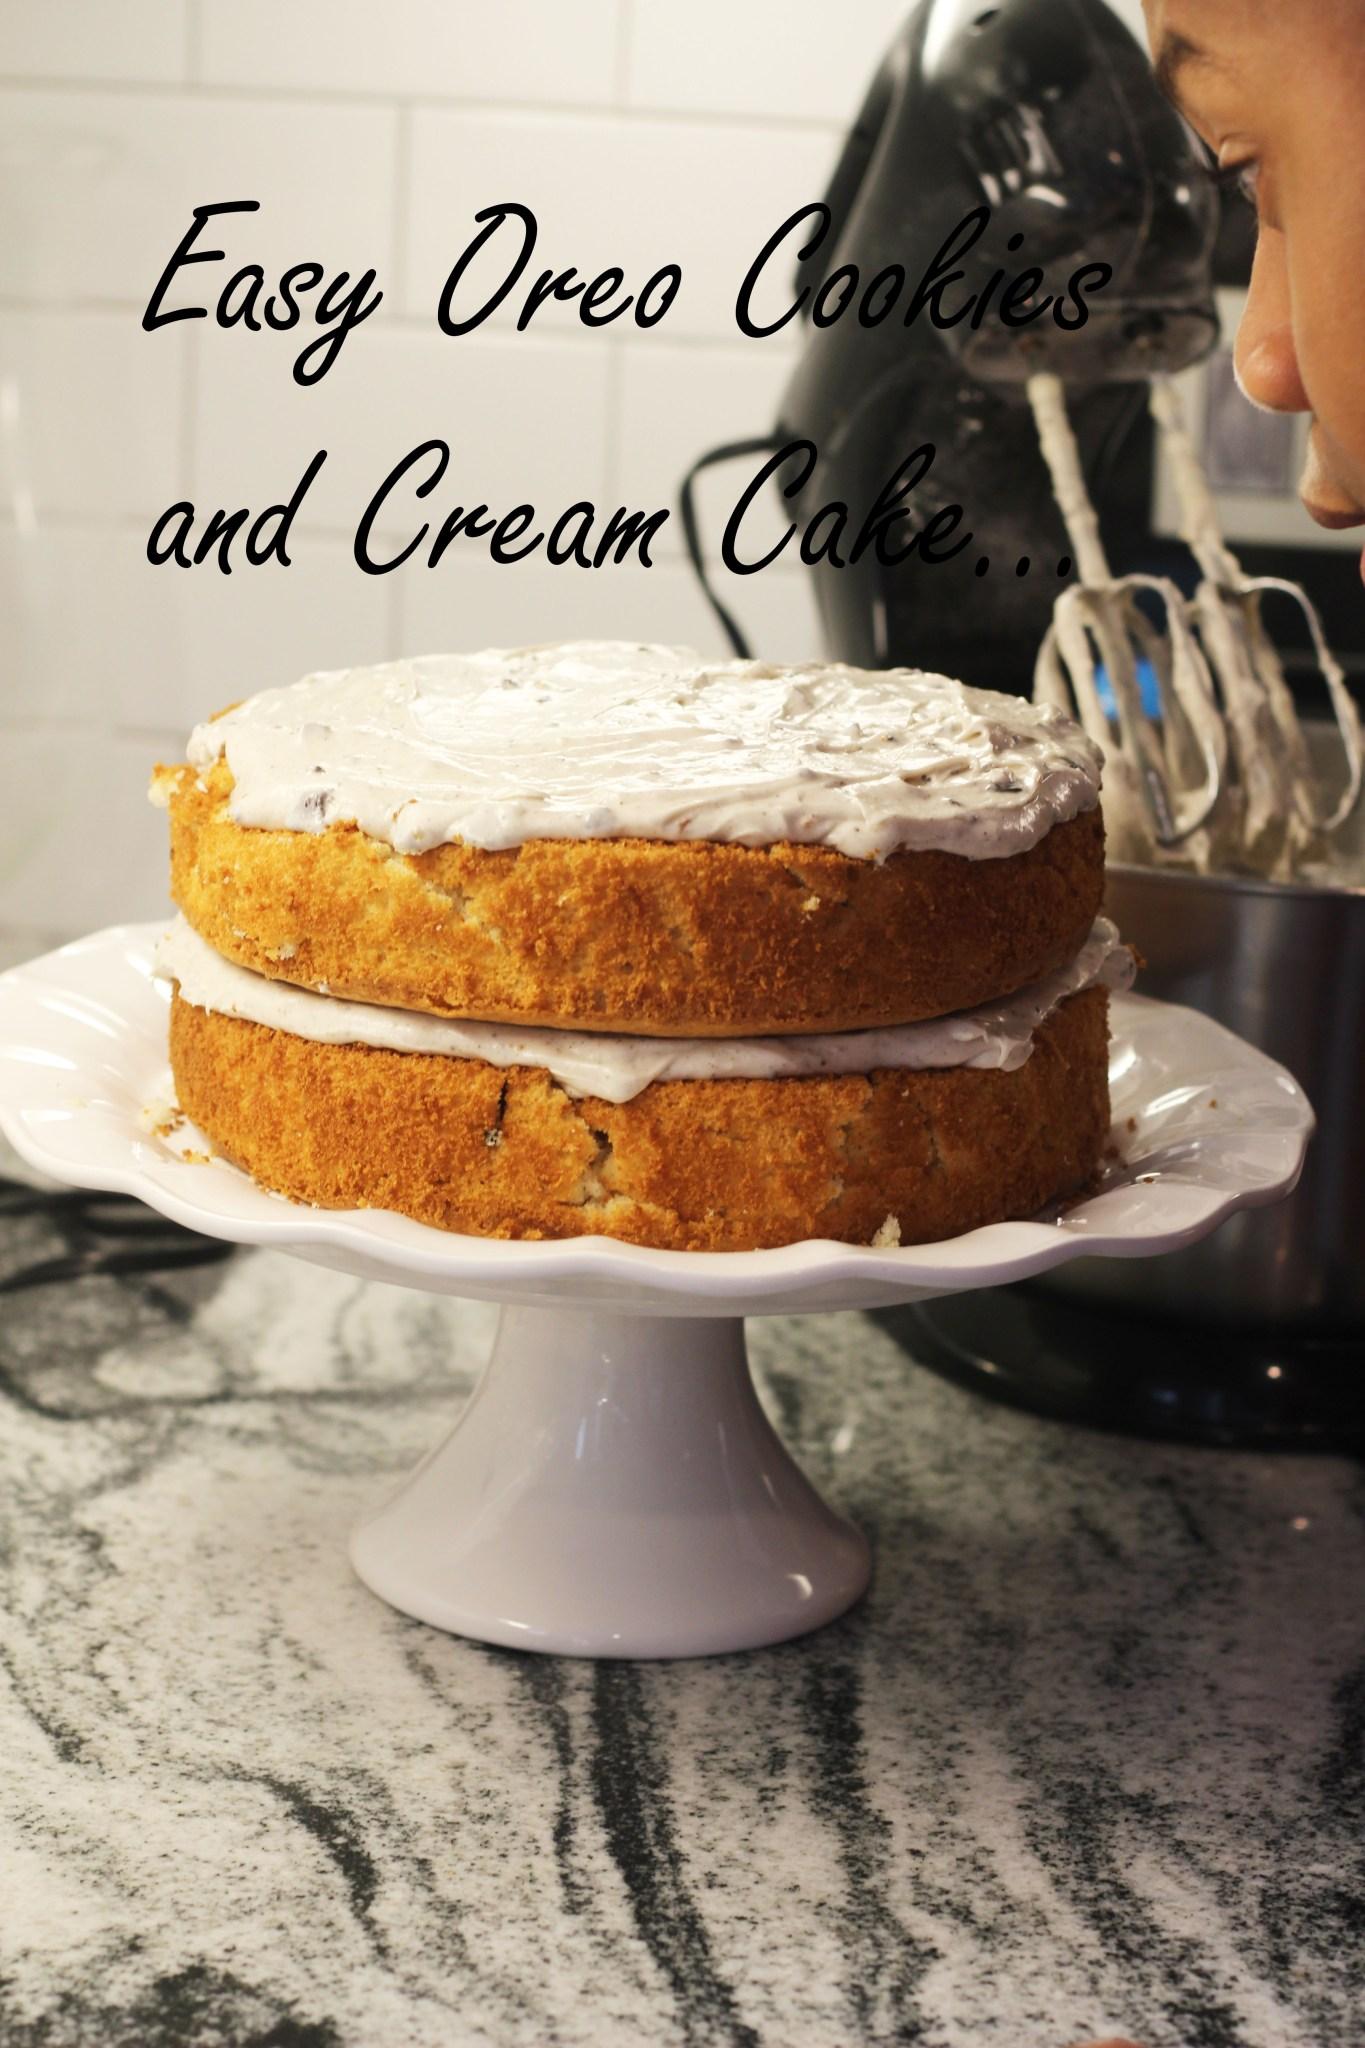 Easy Homemade Oreo Cookies and Cream Cake….